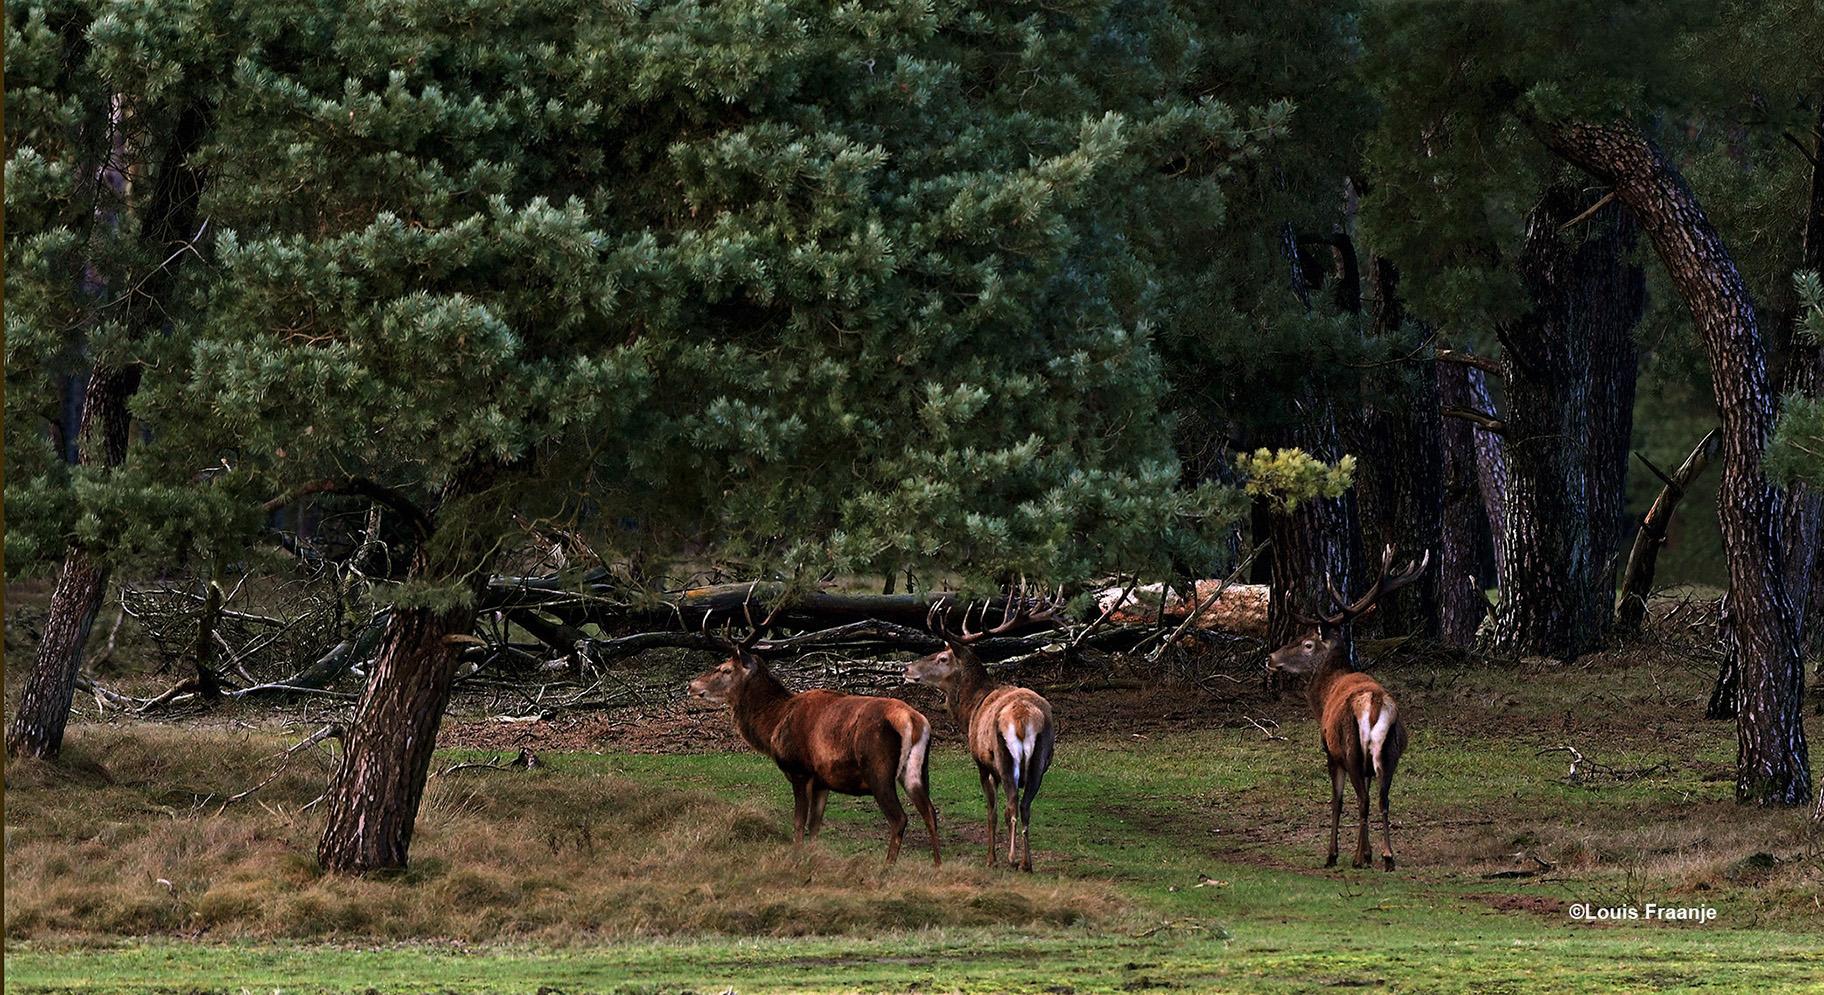 Edelherten op de uitkijk aan de bosrand bij het Bosje van Staf - Foto: ©Louis Fraanje